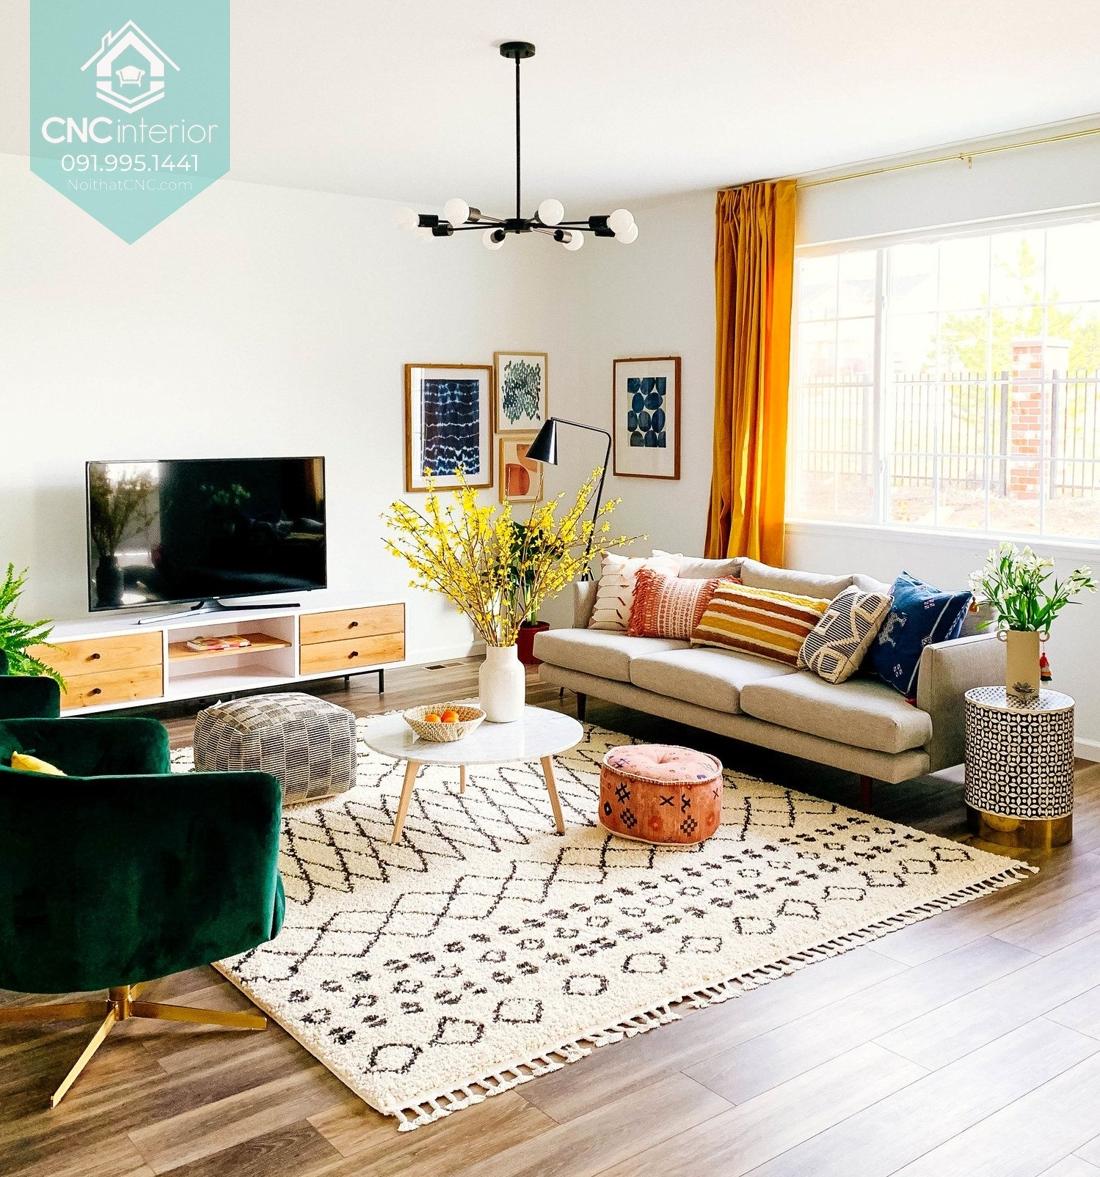 Nhấn màu sắc và họa tiết vào gối tựa, thảm hay rèm cửa